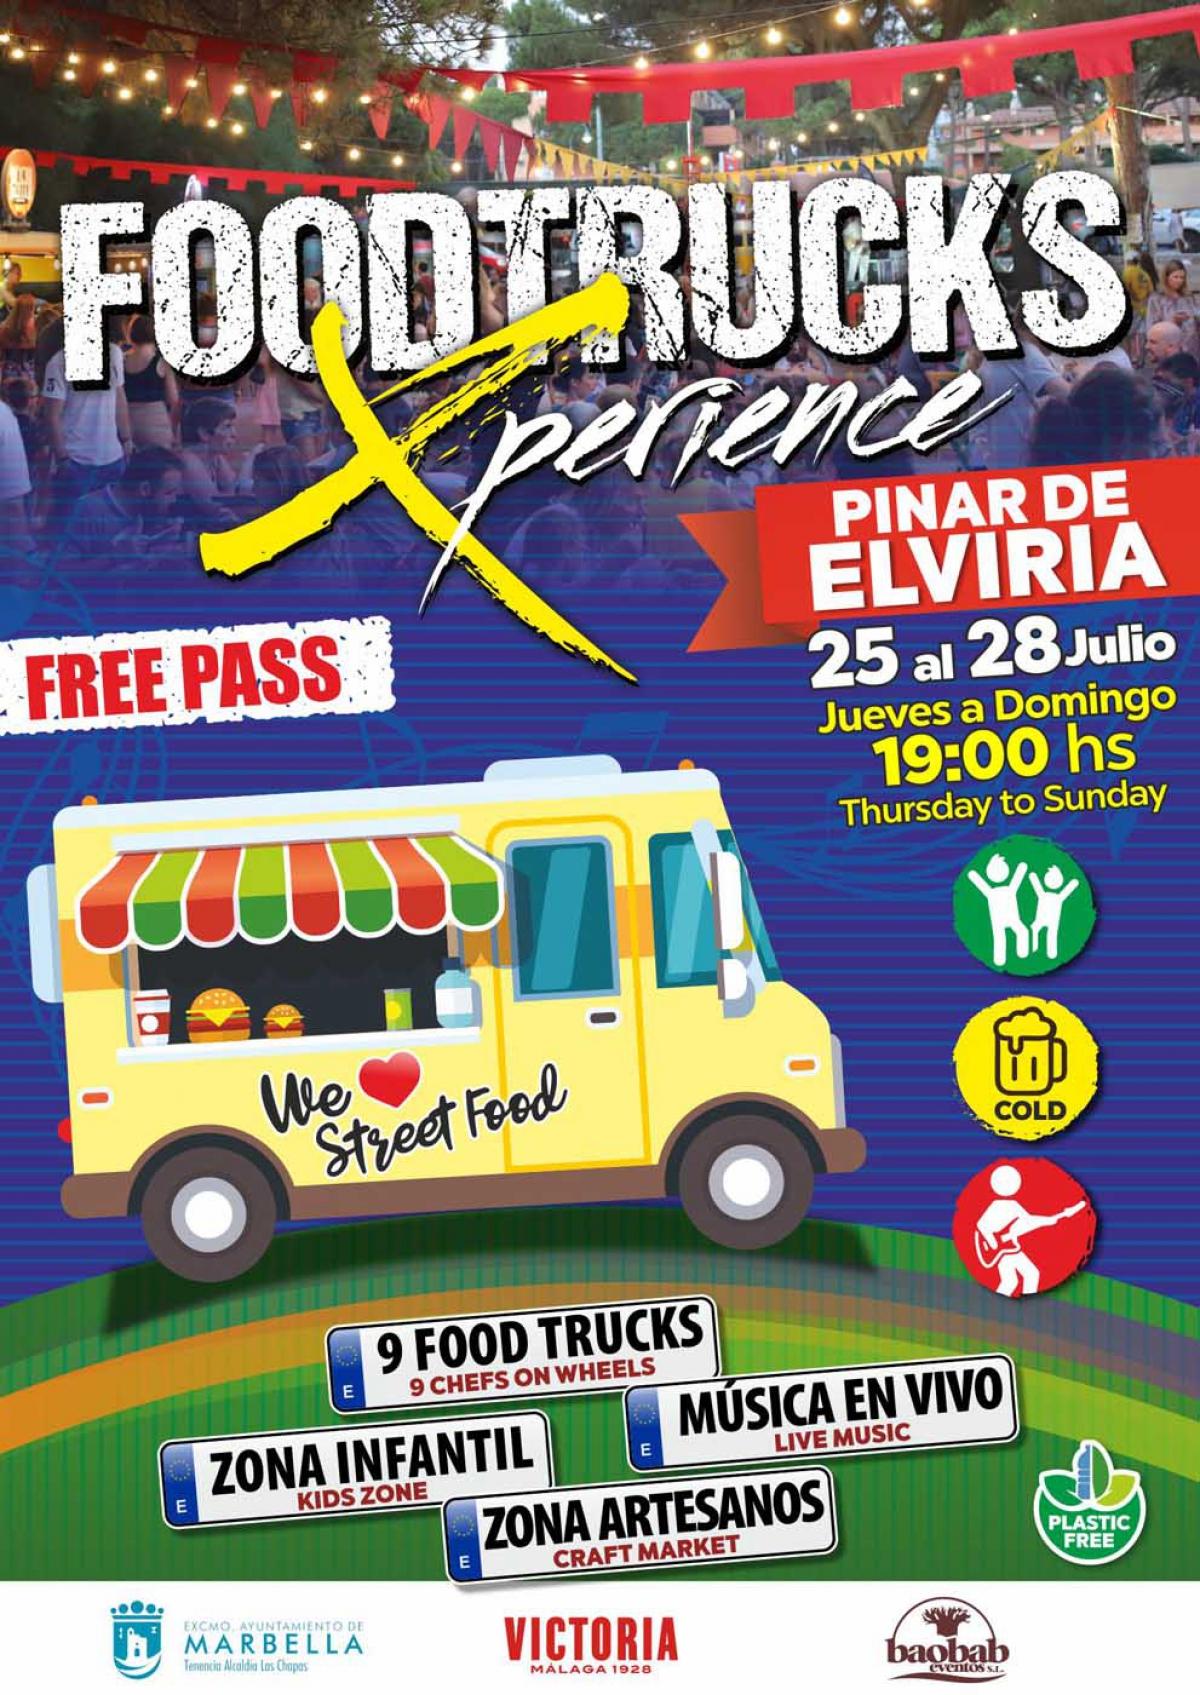 Las Chapas acoge del 25 al 28 de julio el evento gastronómico 'Foodtrucks Xperience Elviria'